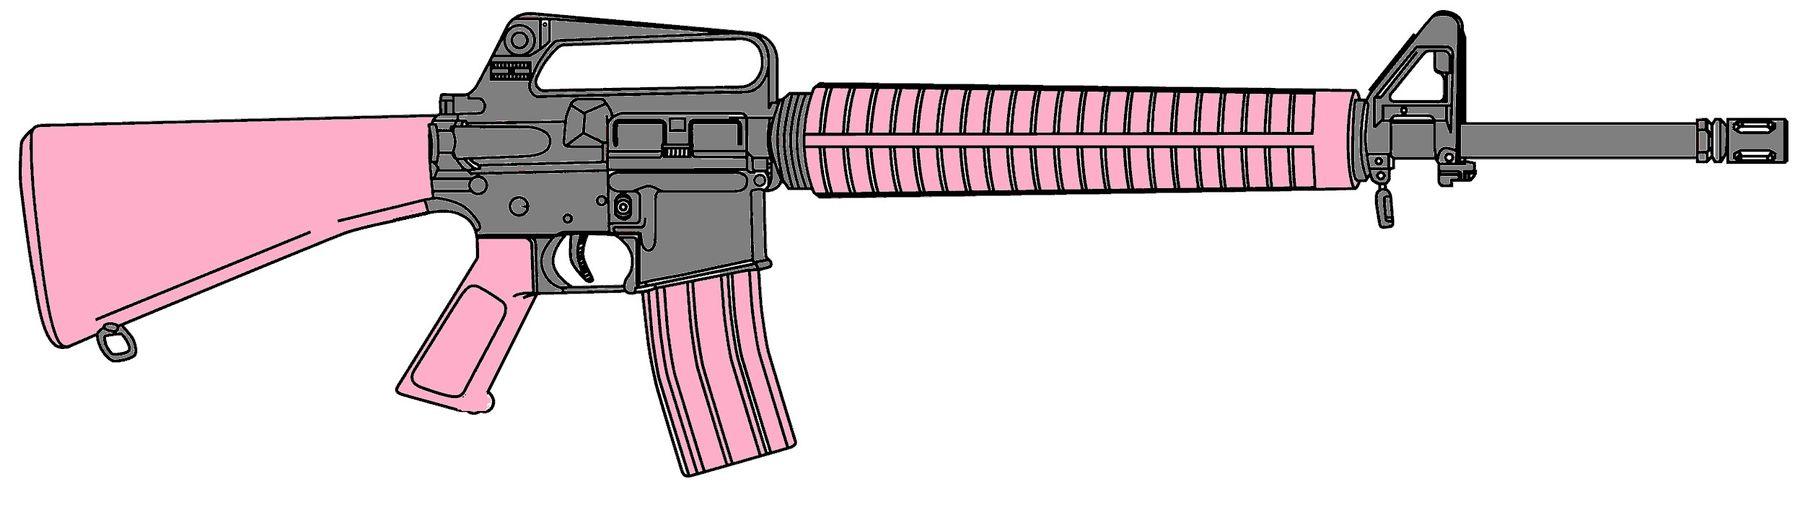 1800x517 Drawn Gun M16